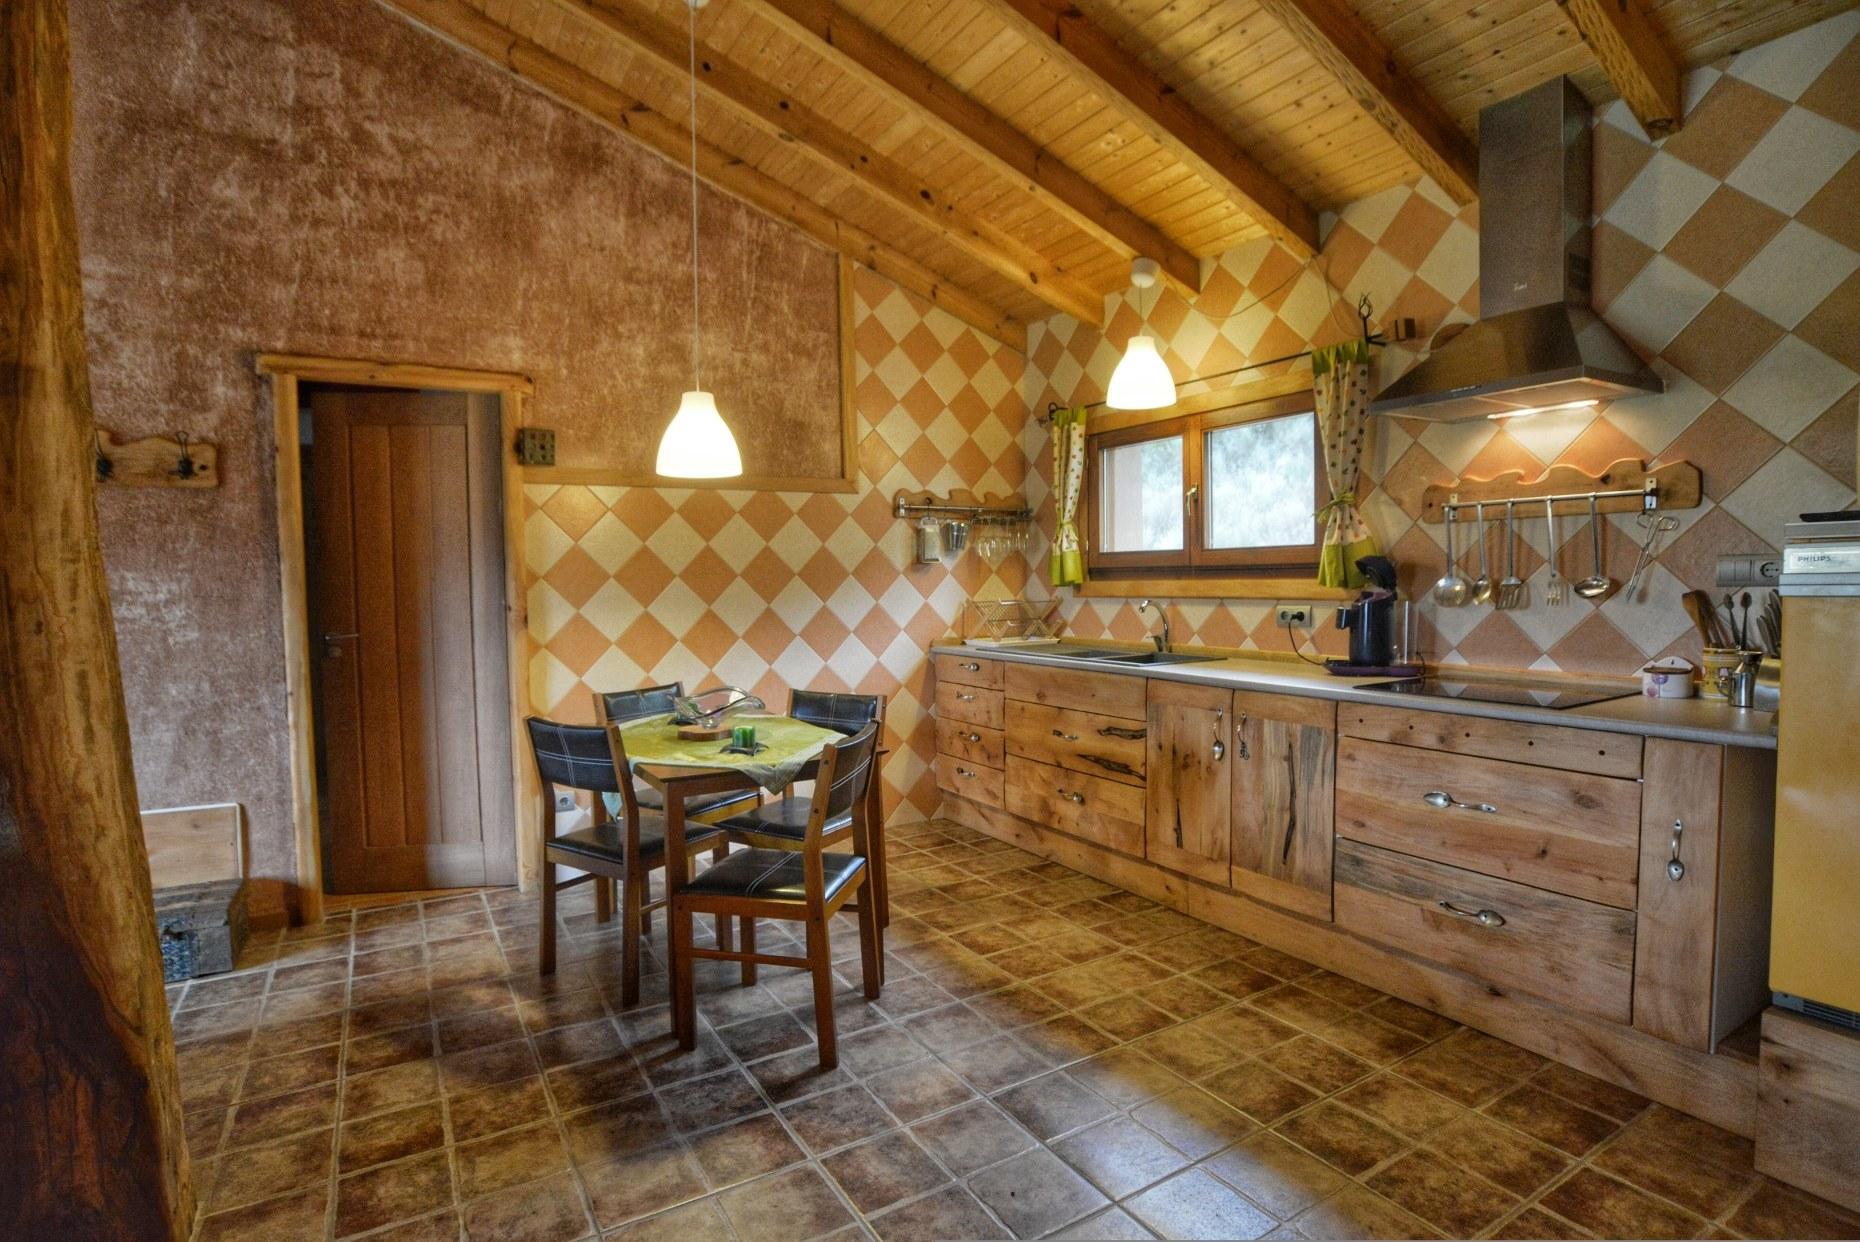 Casa rural La Magia - El Mayulon - Preciosa cocina diseñada con cariño